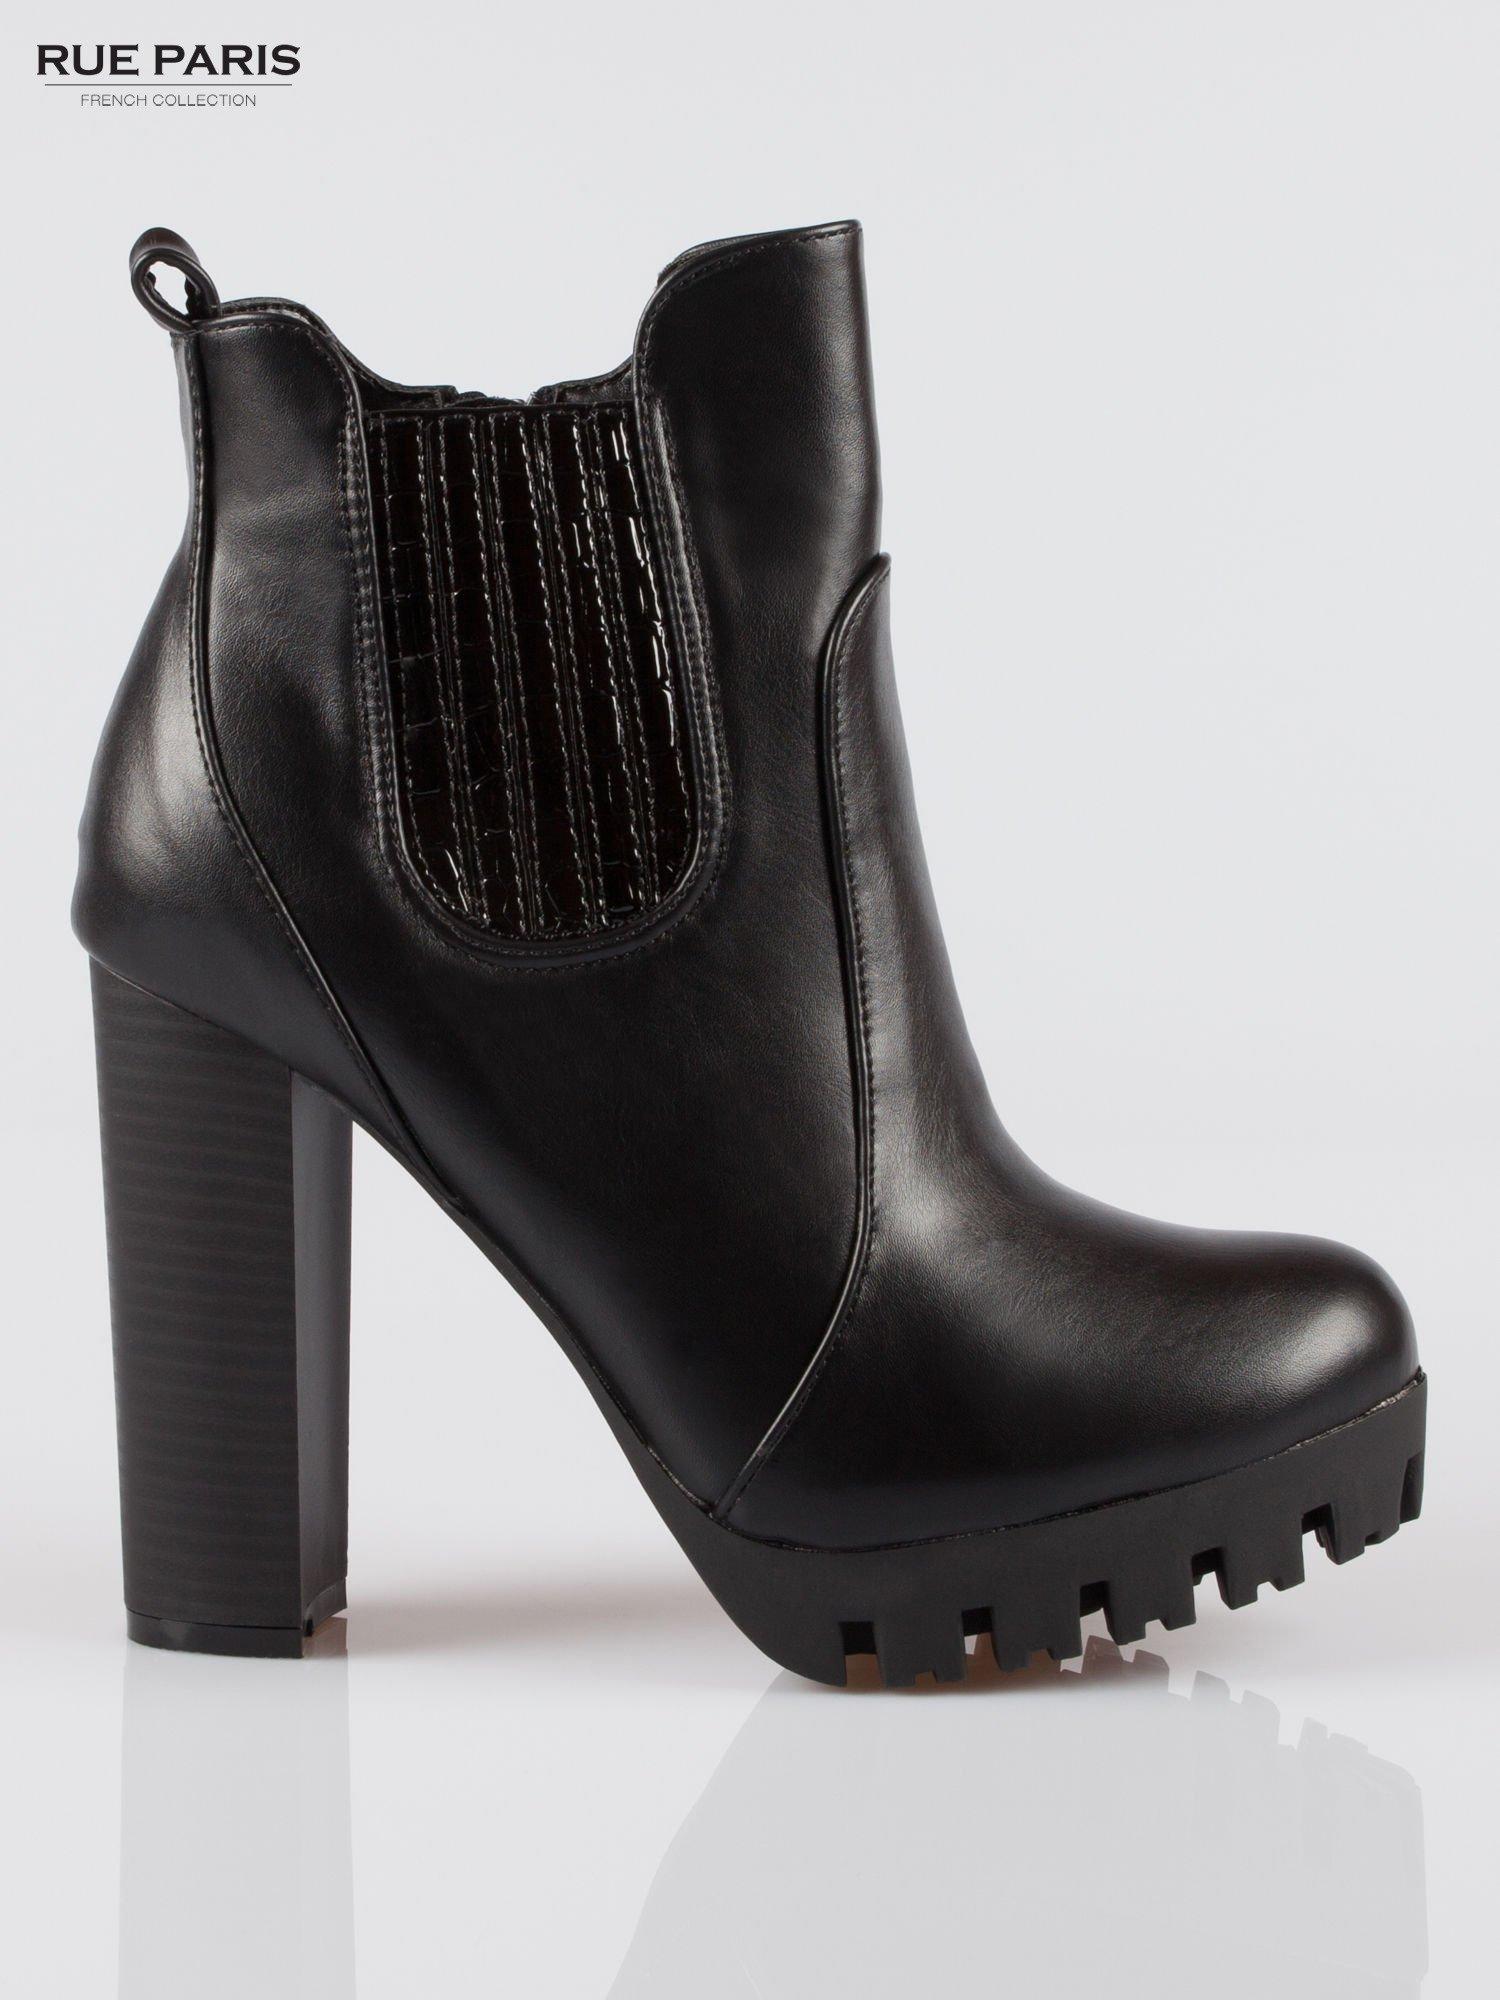 e34ad4ed4f577 Czarne wysokie botki na platformie stylizowane na sztyblety - Buty ...